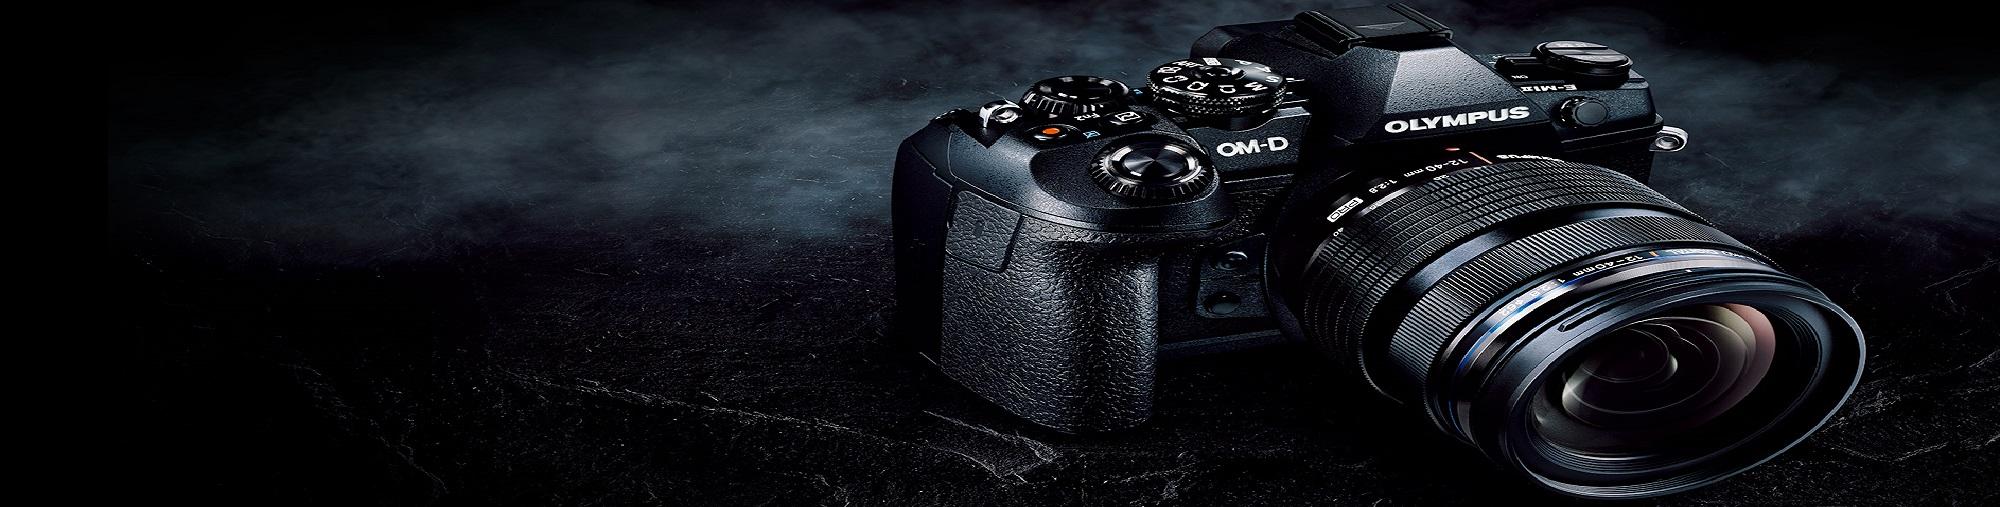 01, מצלמות PEM, מצלמות PEN, מצלמות אקסטרים, מצלמות קנון